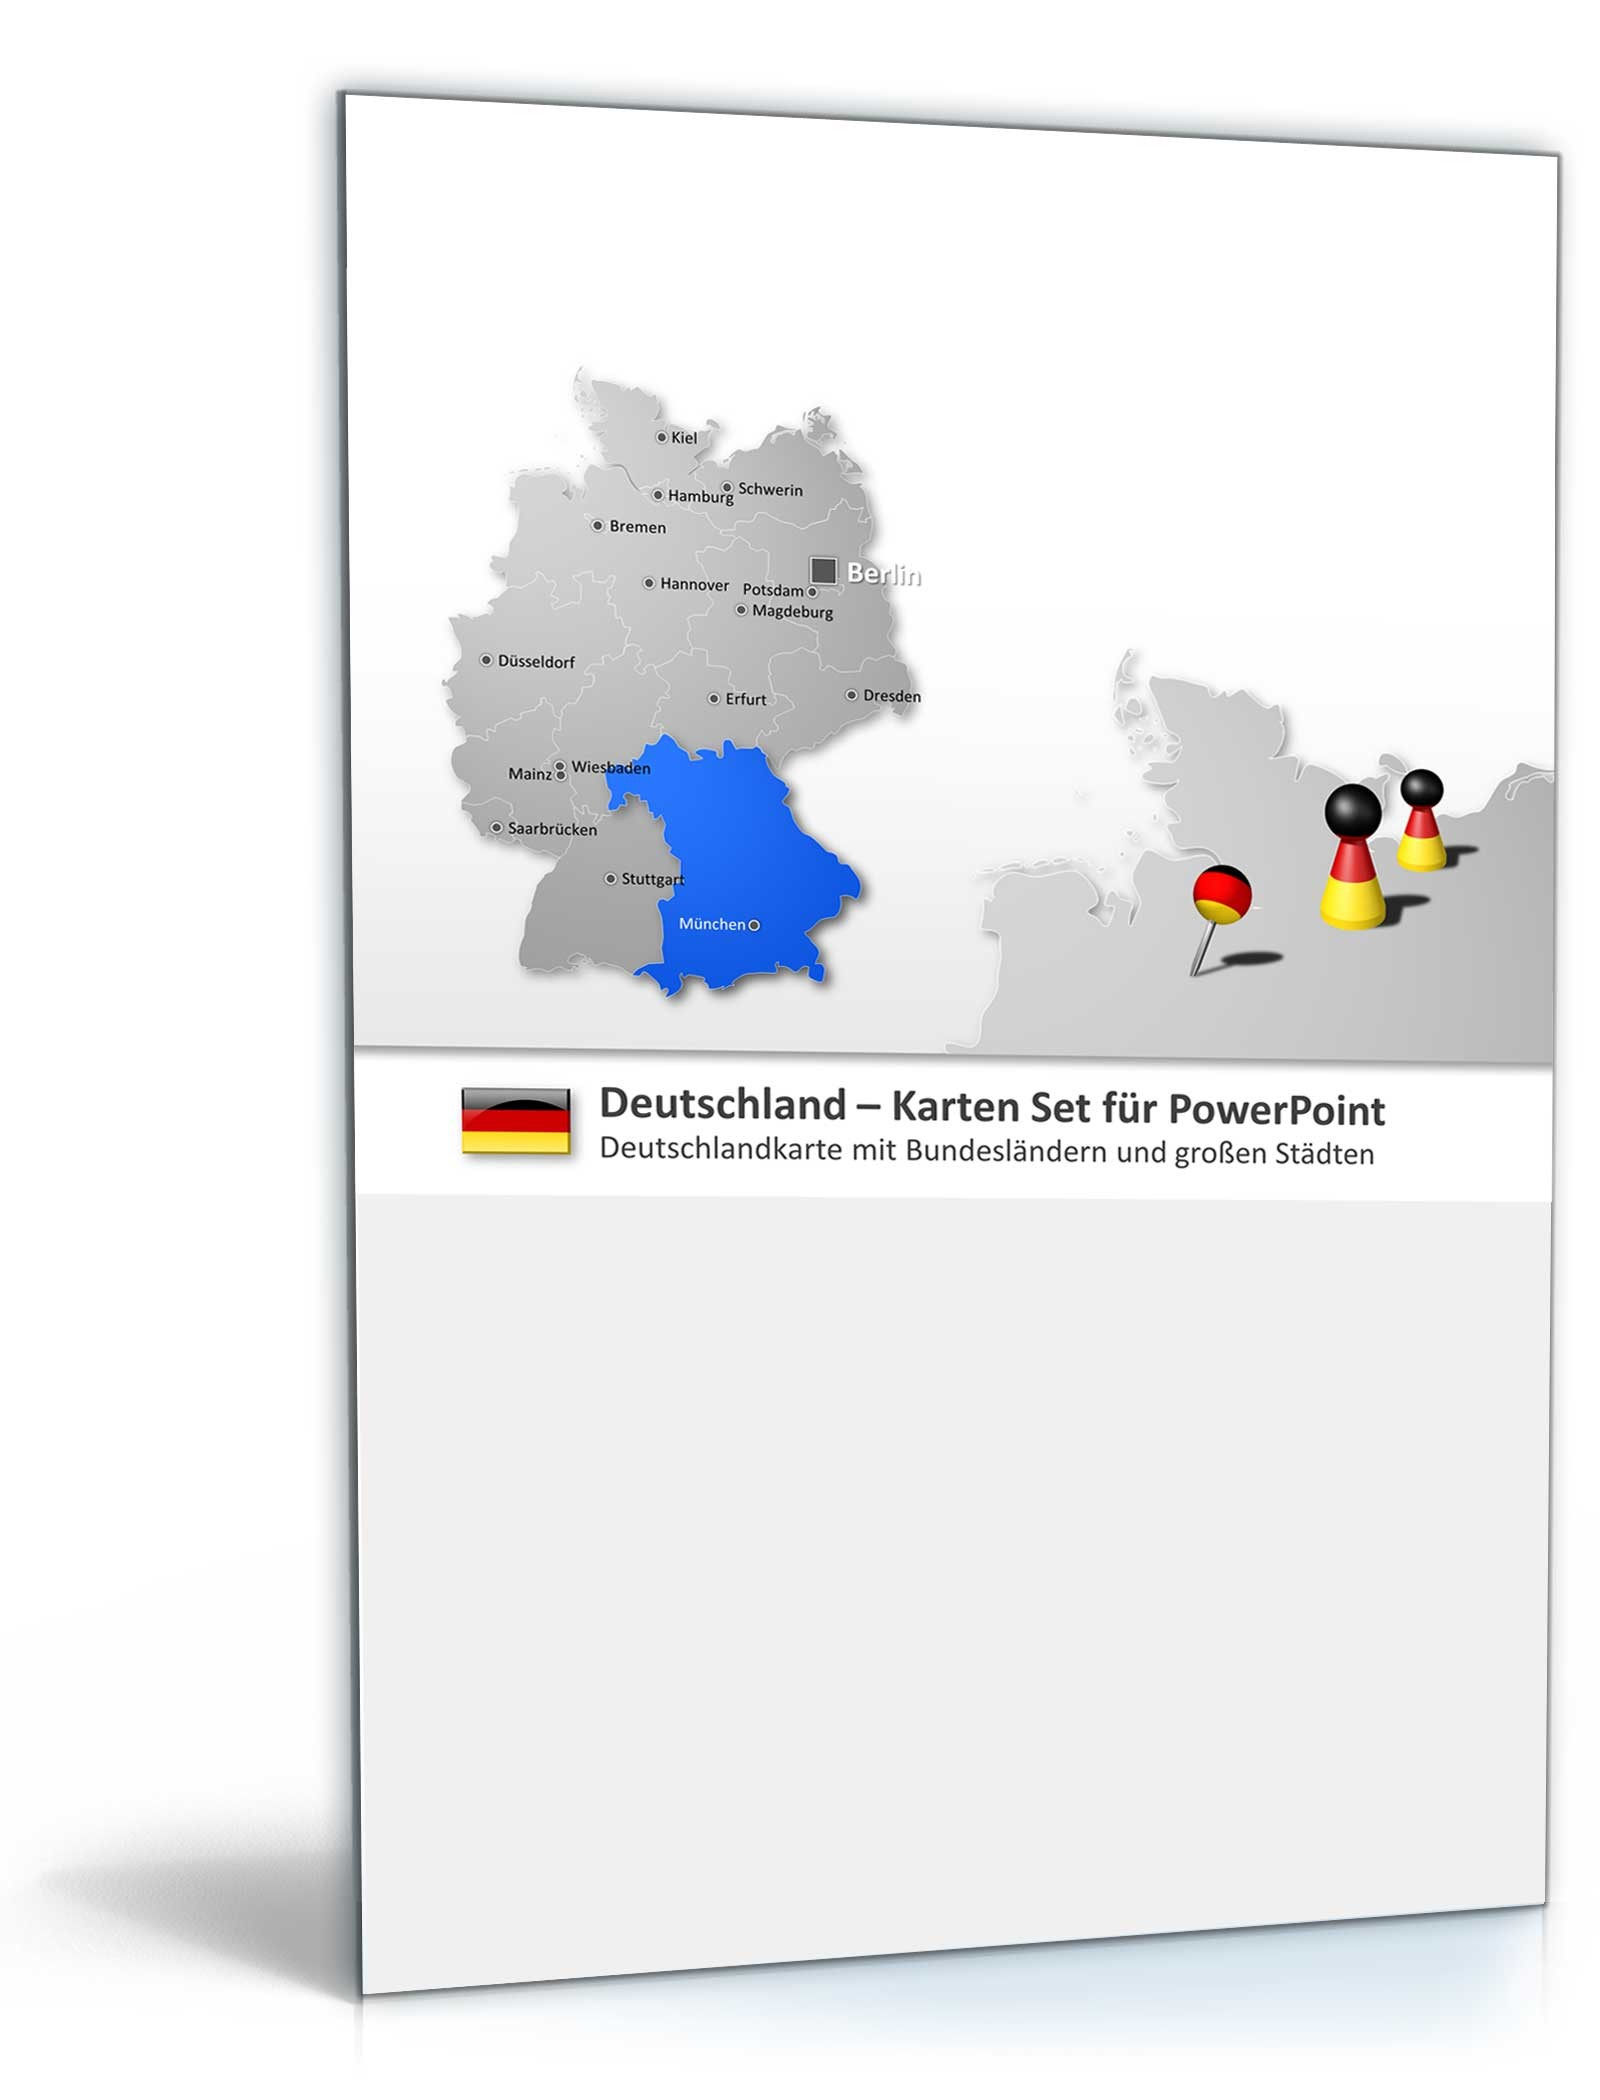 Powerpoint Präsentation Bundesländer Vorlage Zum Download